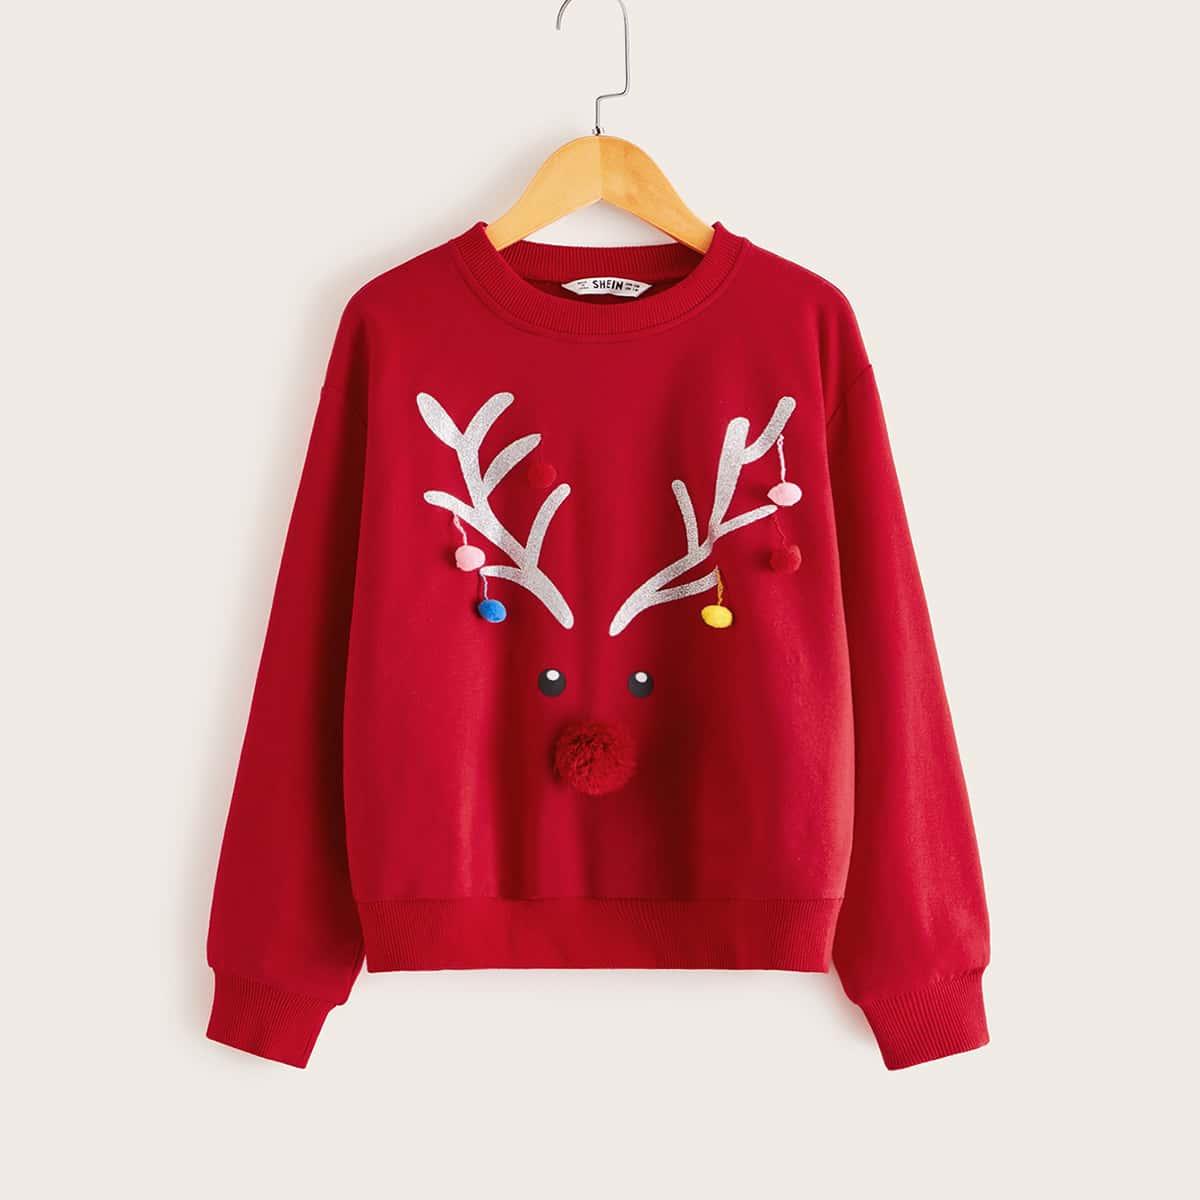 Пуловер с принтом и пуговицами для девочек от SHEIN